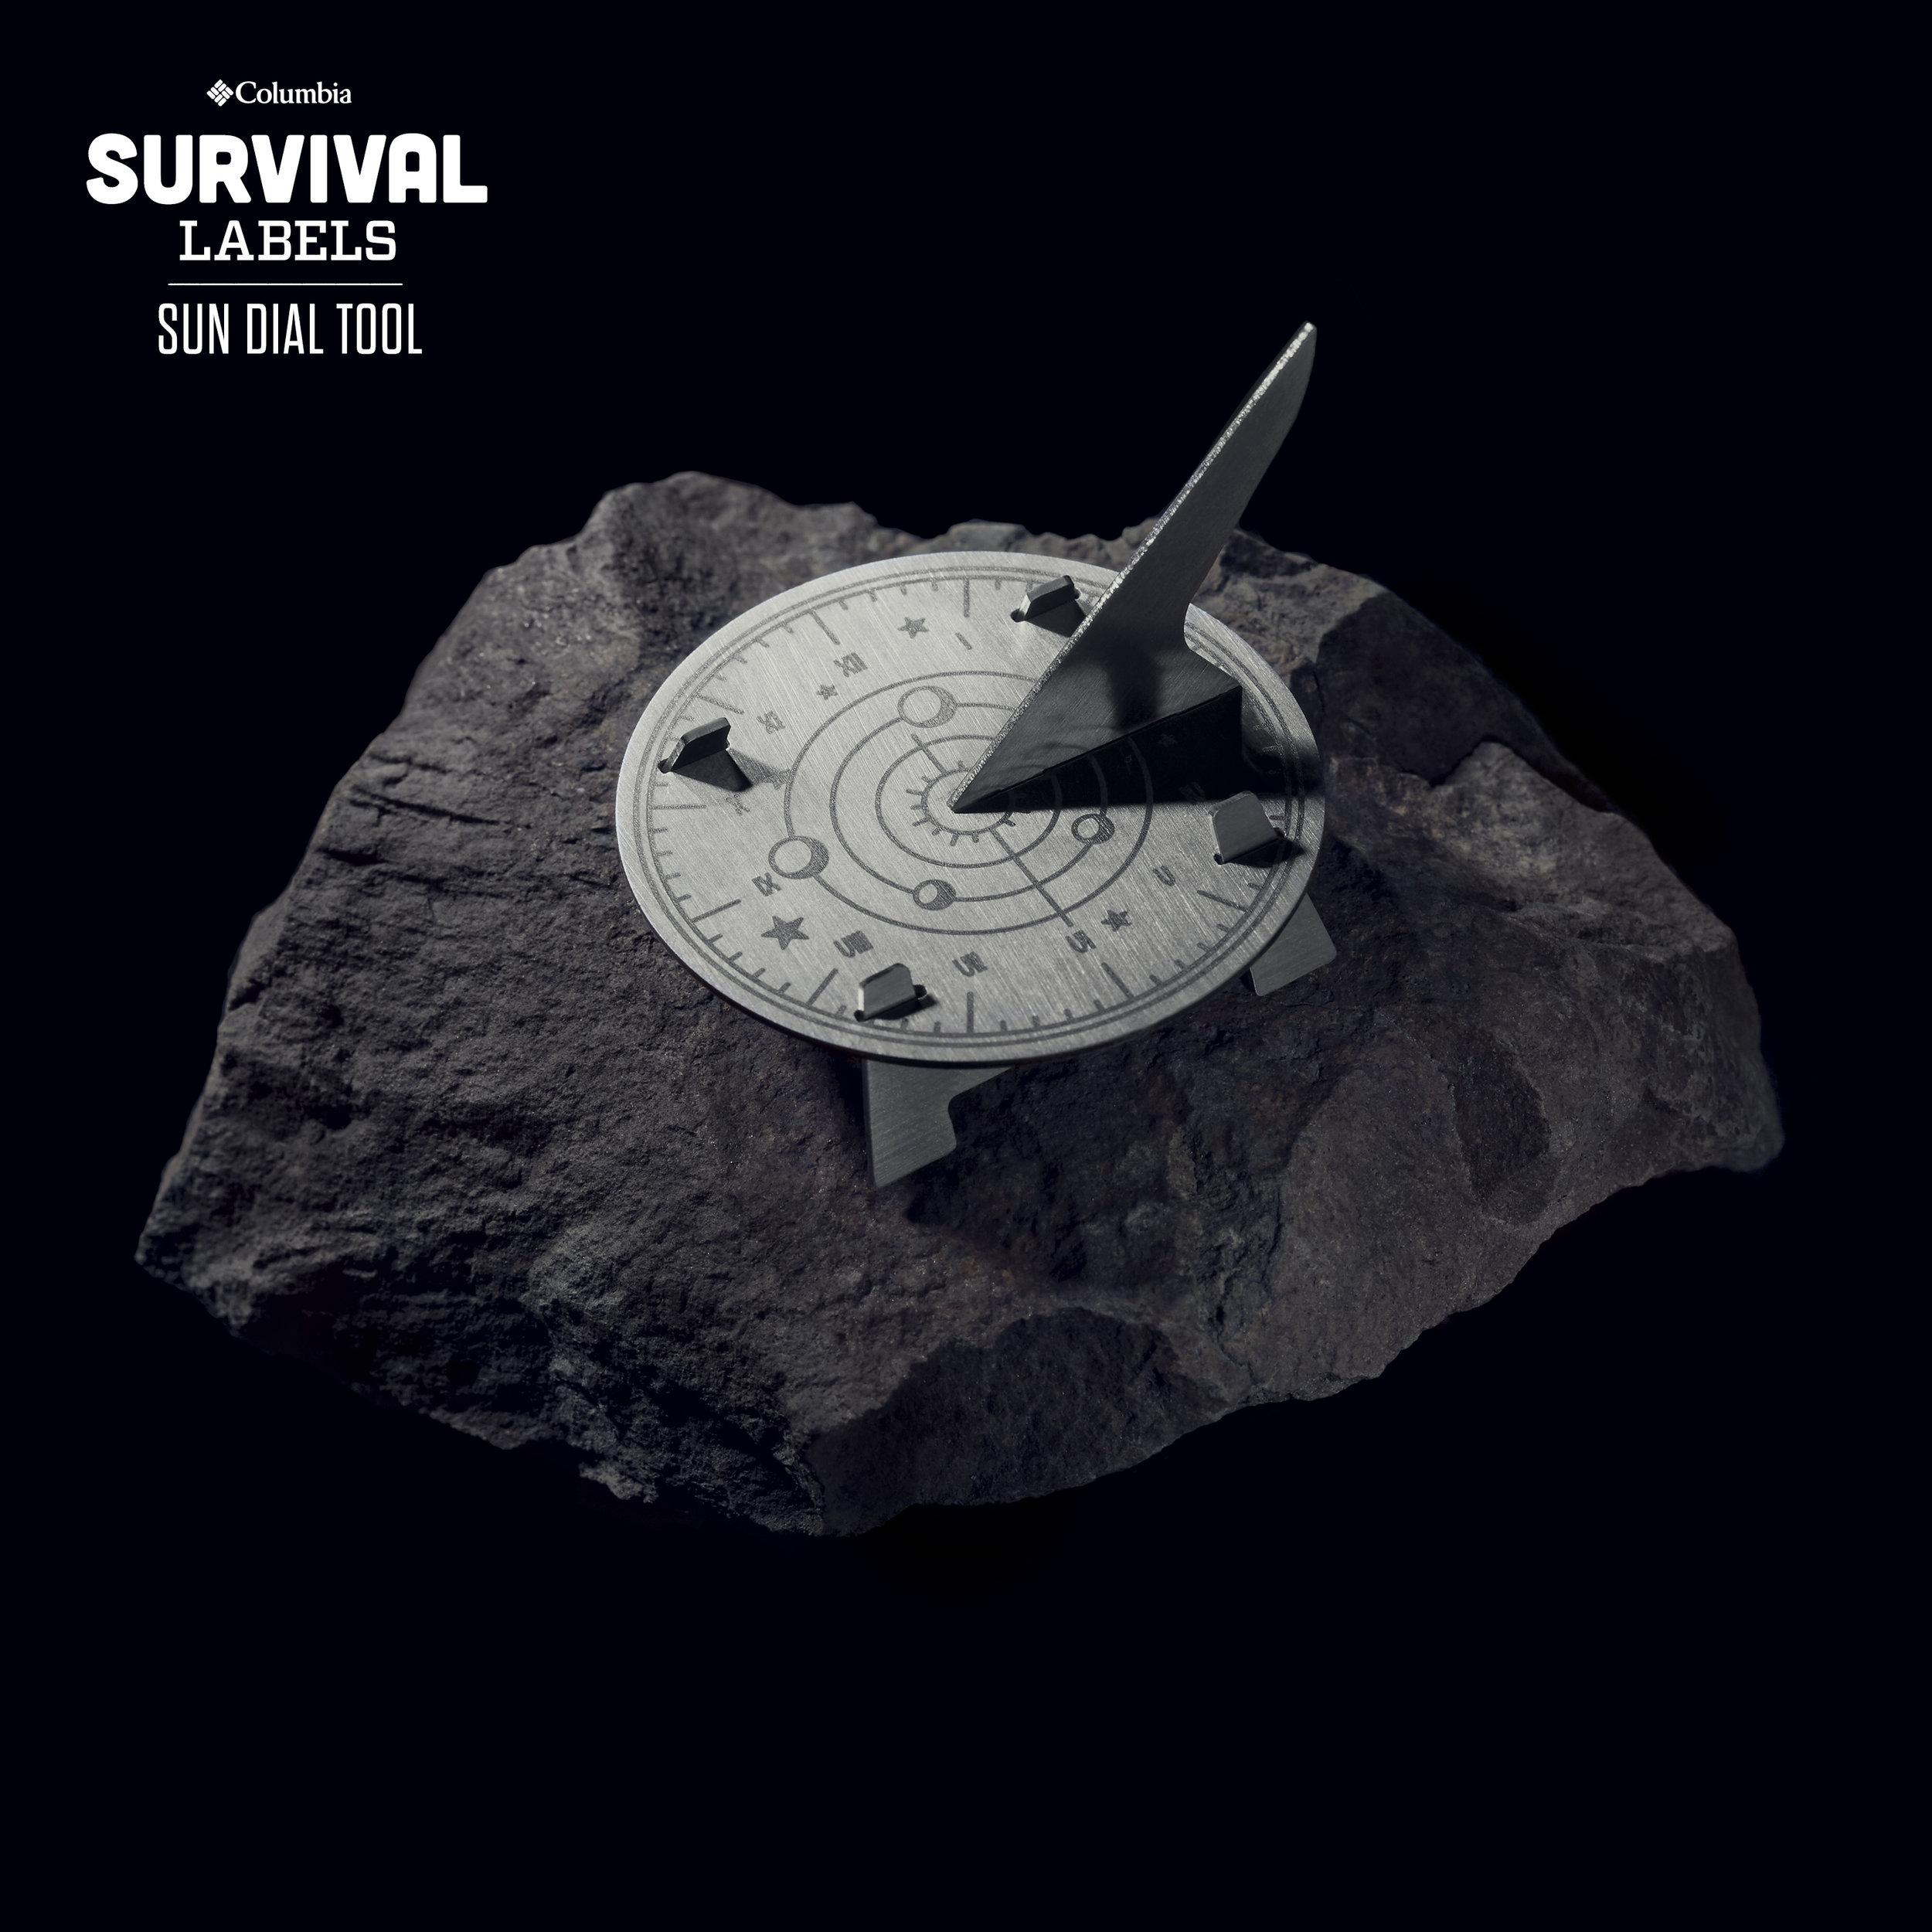 SURVIVALLABELS_TOOLS_SUNDIAL.jpg